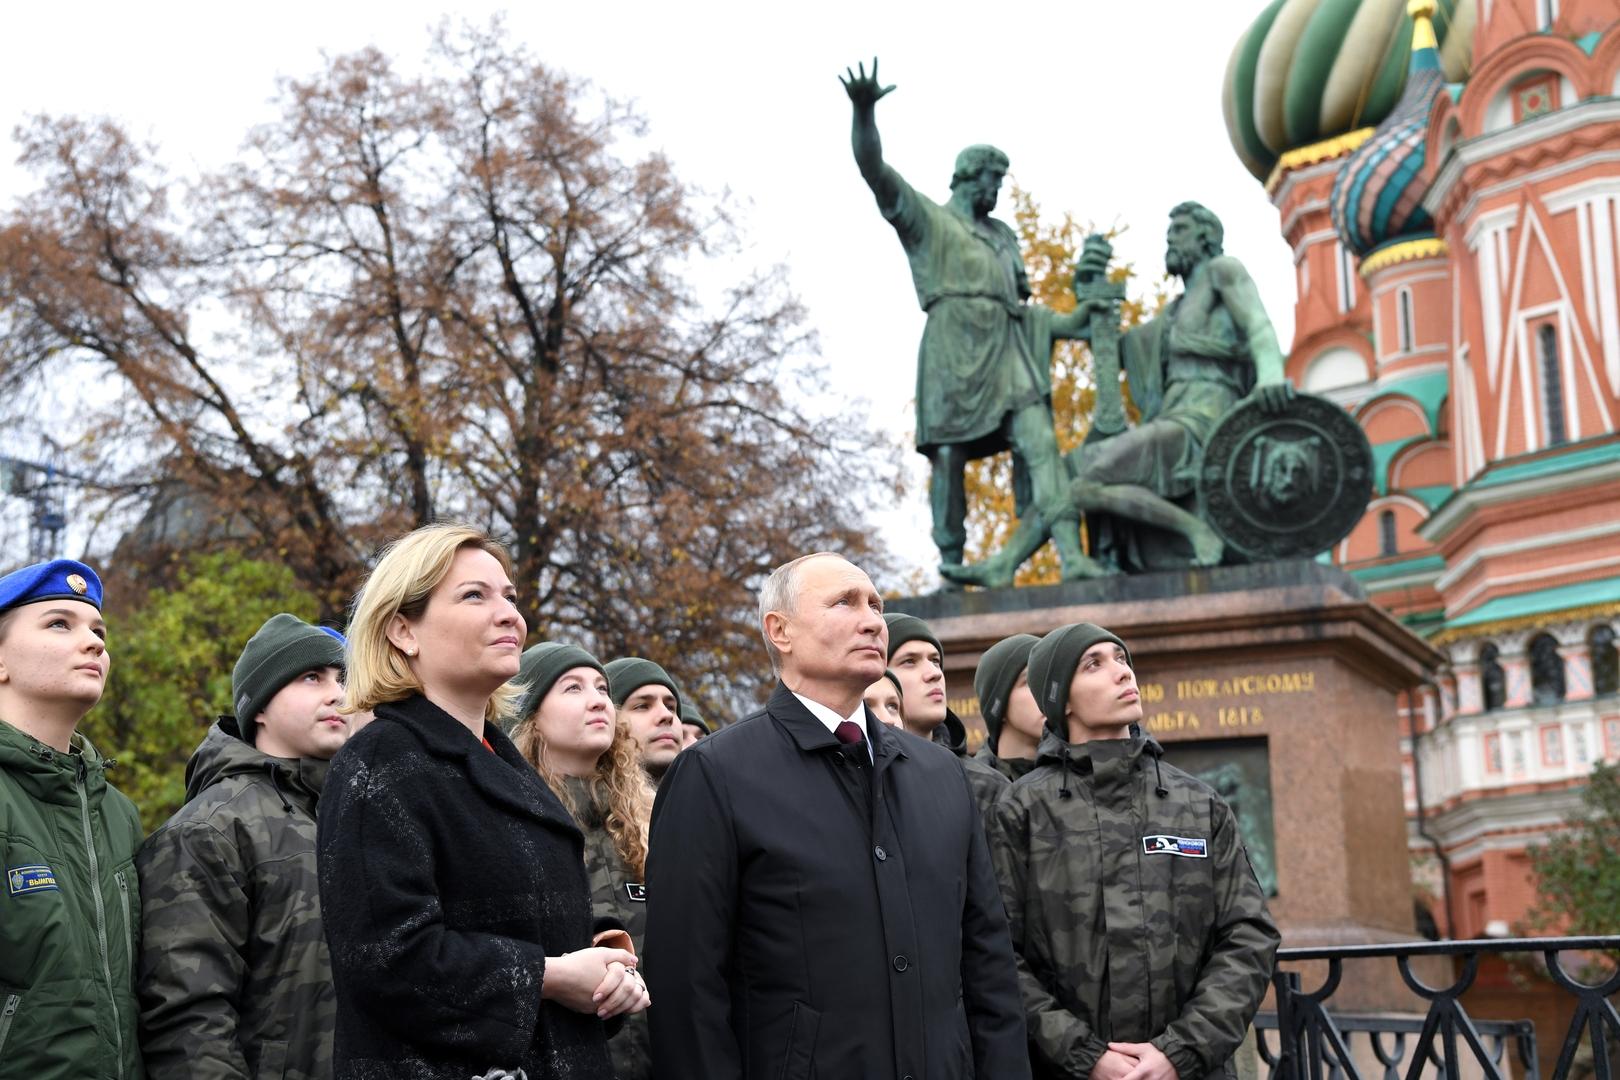 في عيد الوحدة الشعبية.. بوتين يذكر المواطنين بواجباتهم أمام الوطن